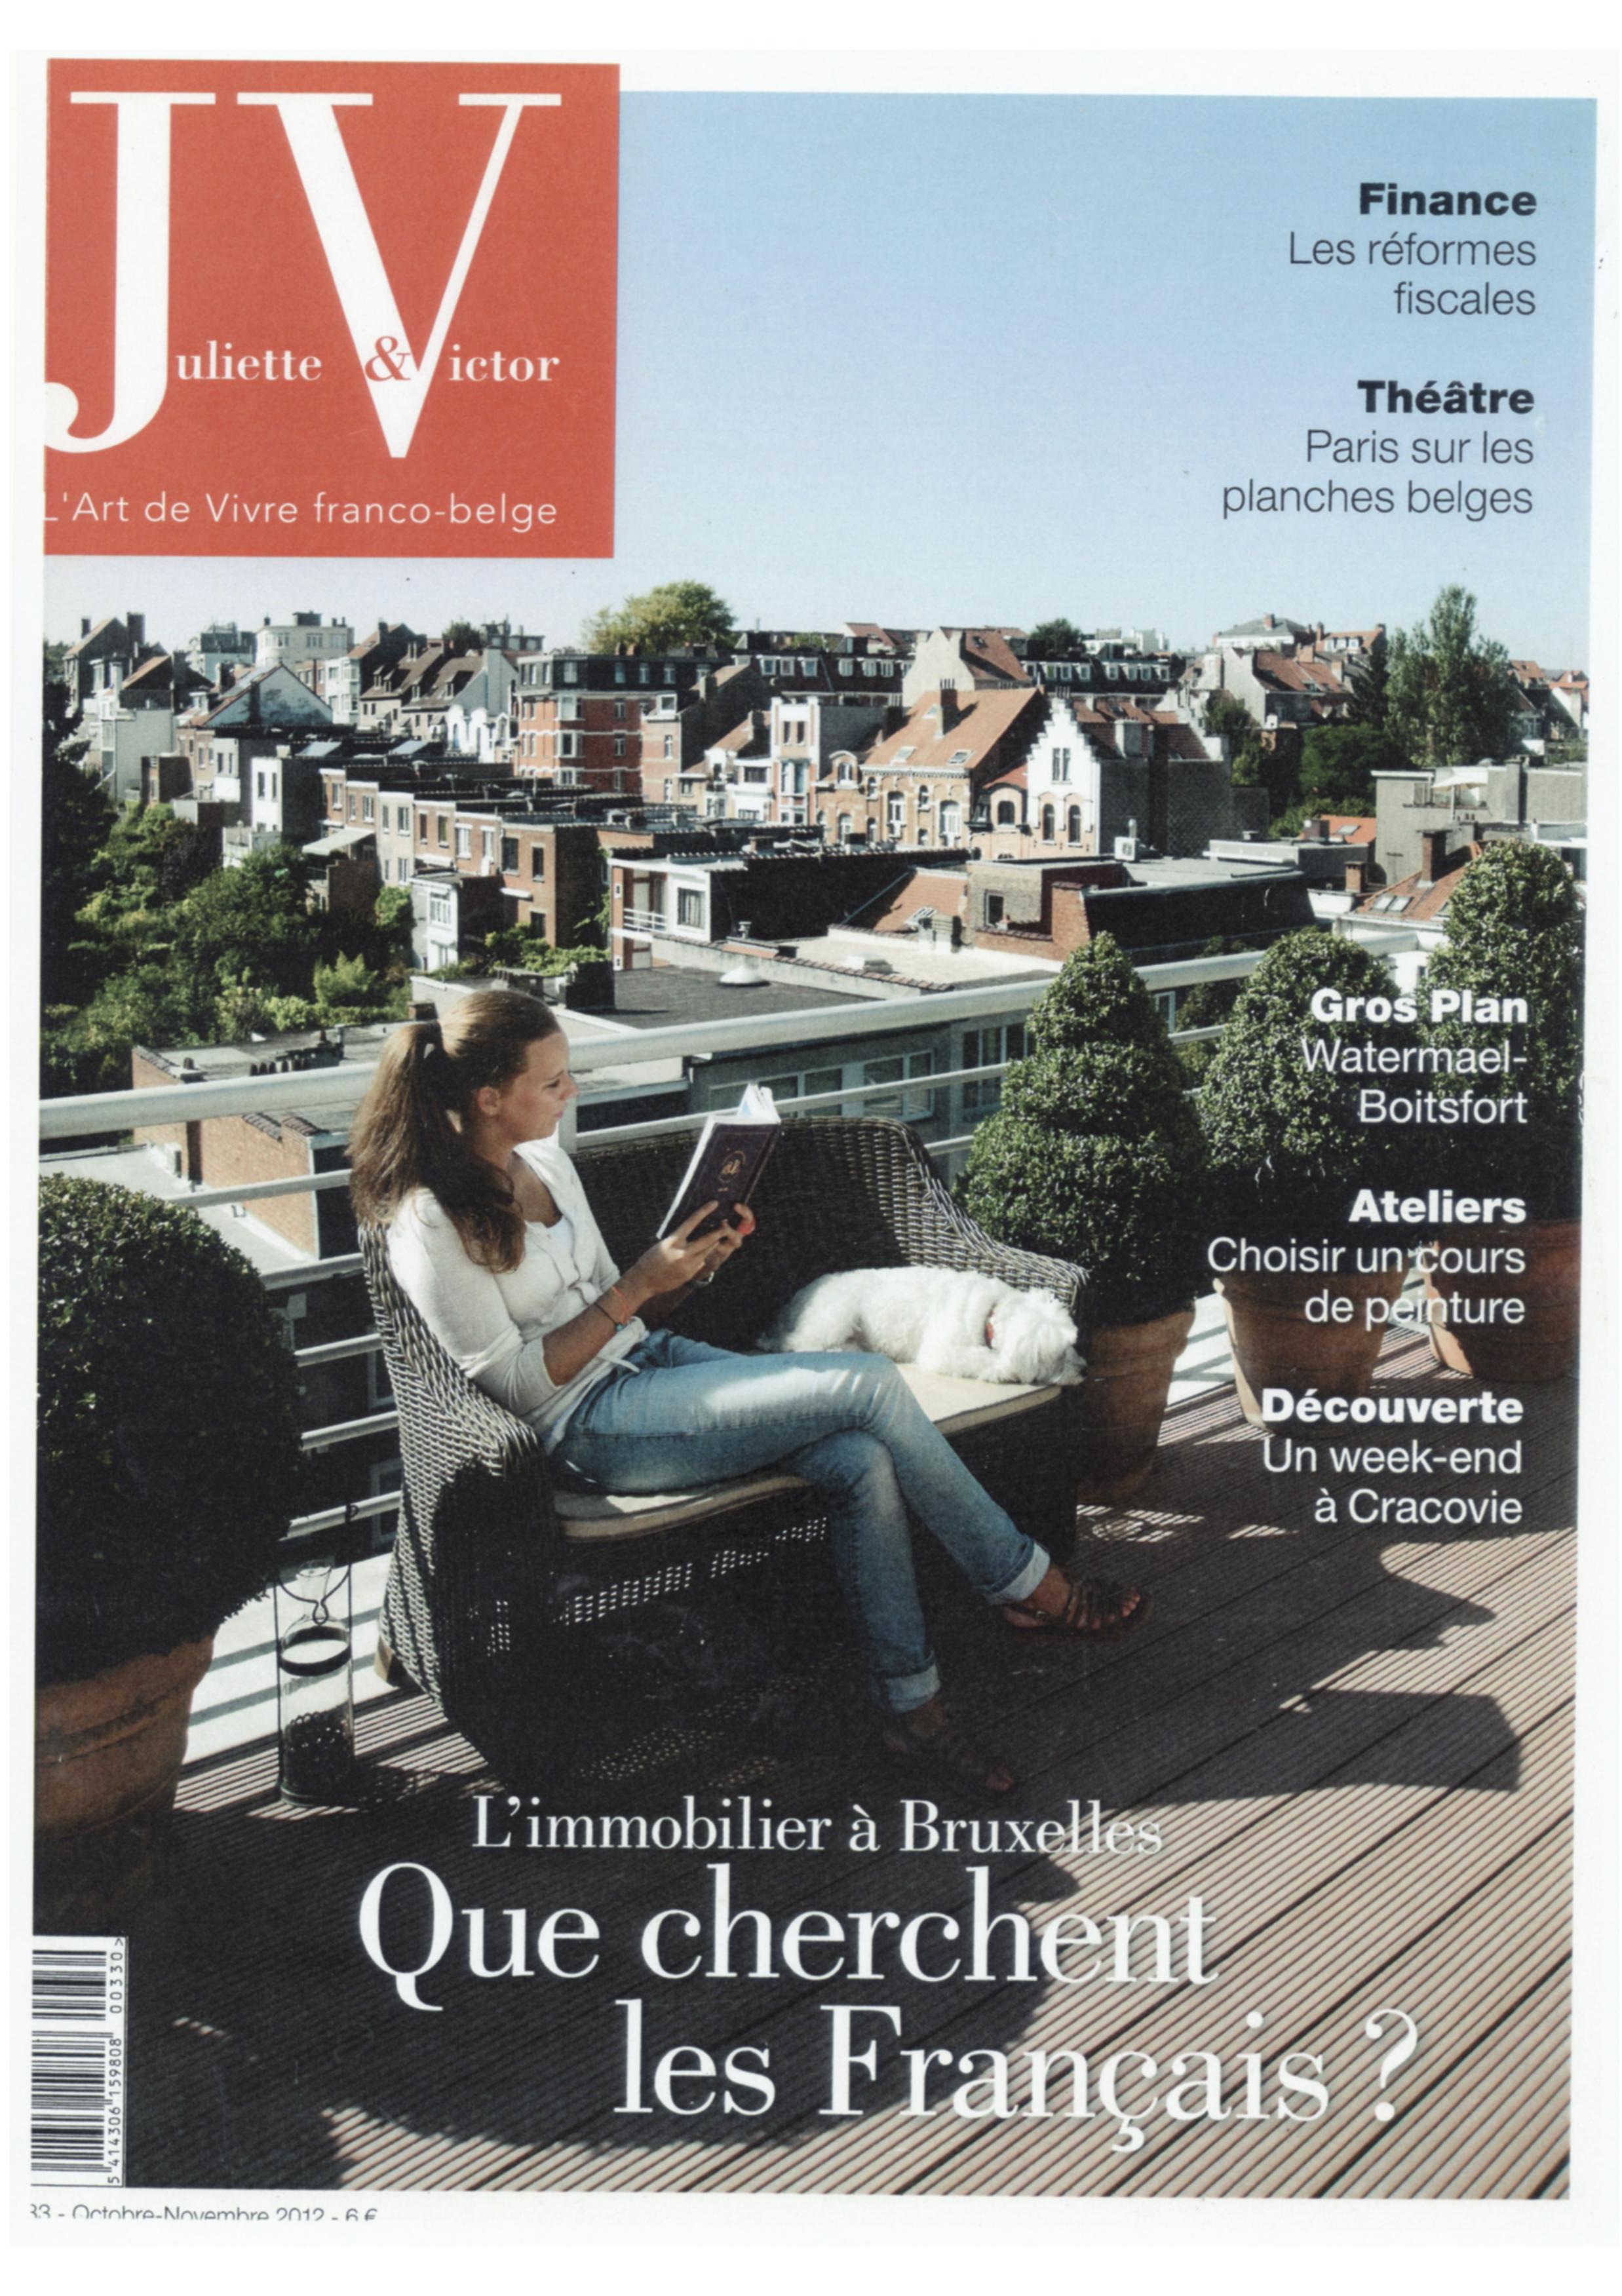 Juliette & Victor Oct-Nov 2012 - copie (glissé(e)s).png